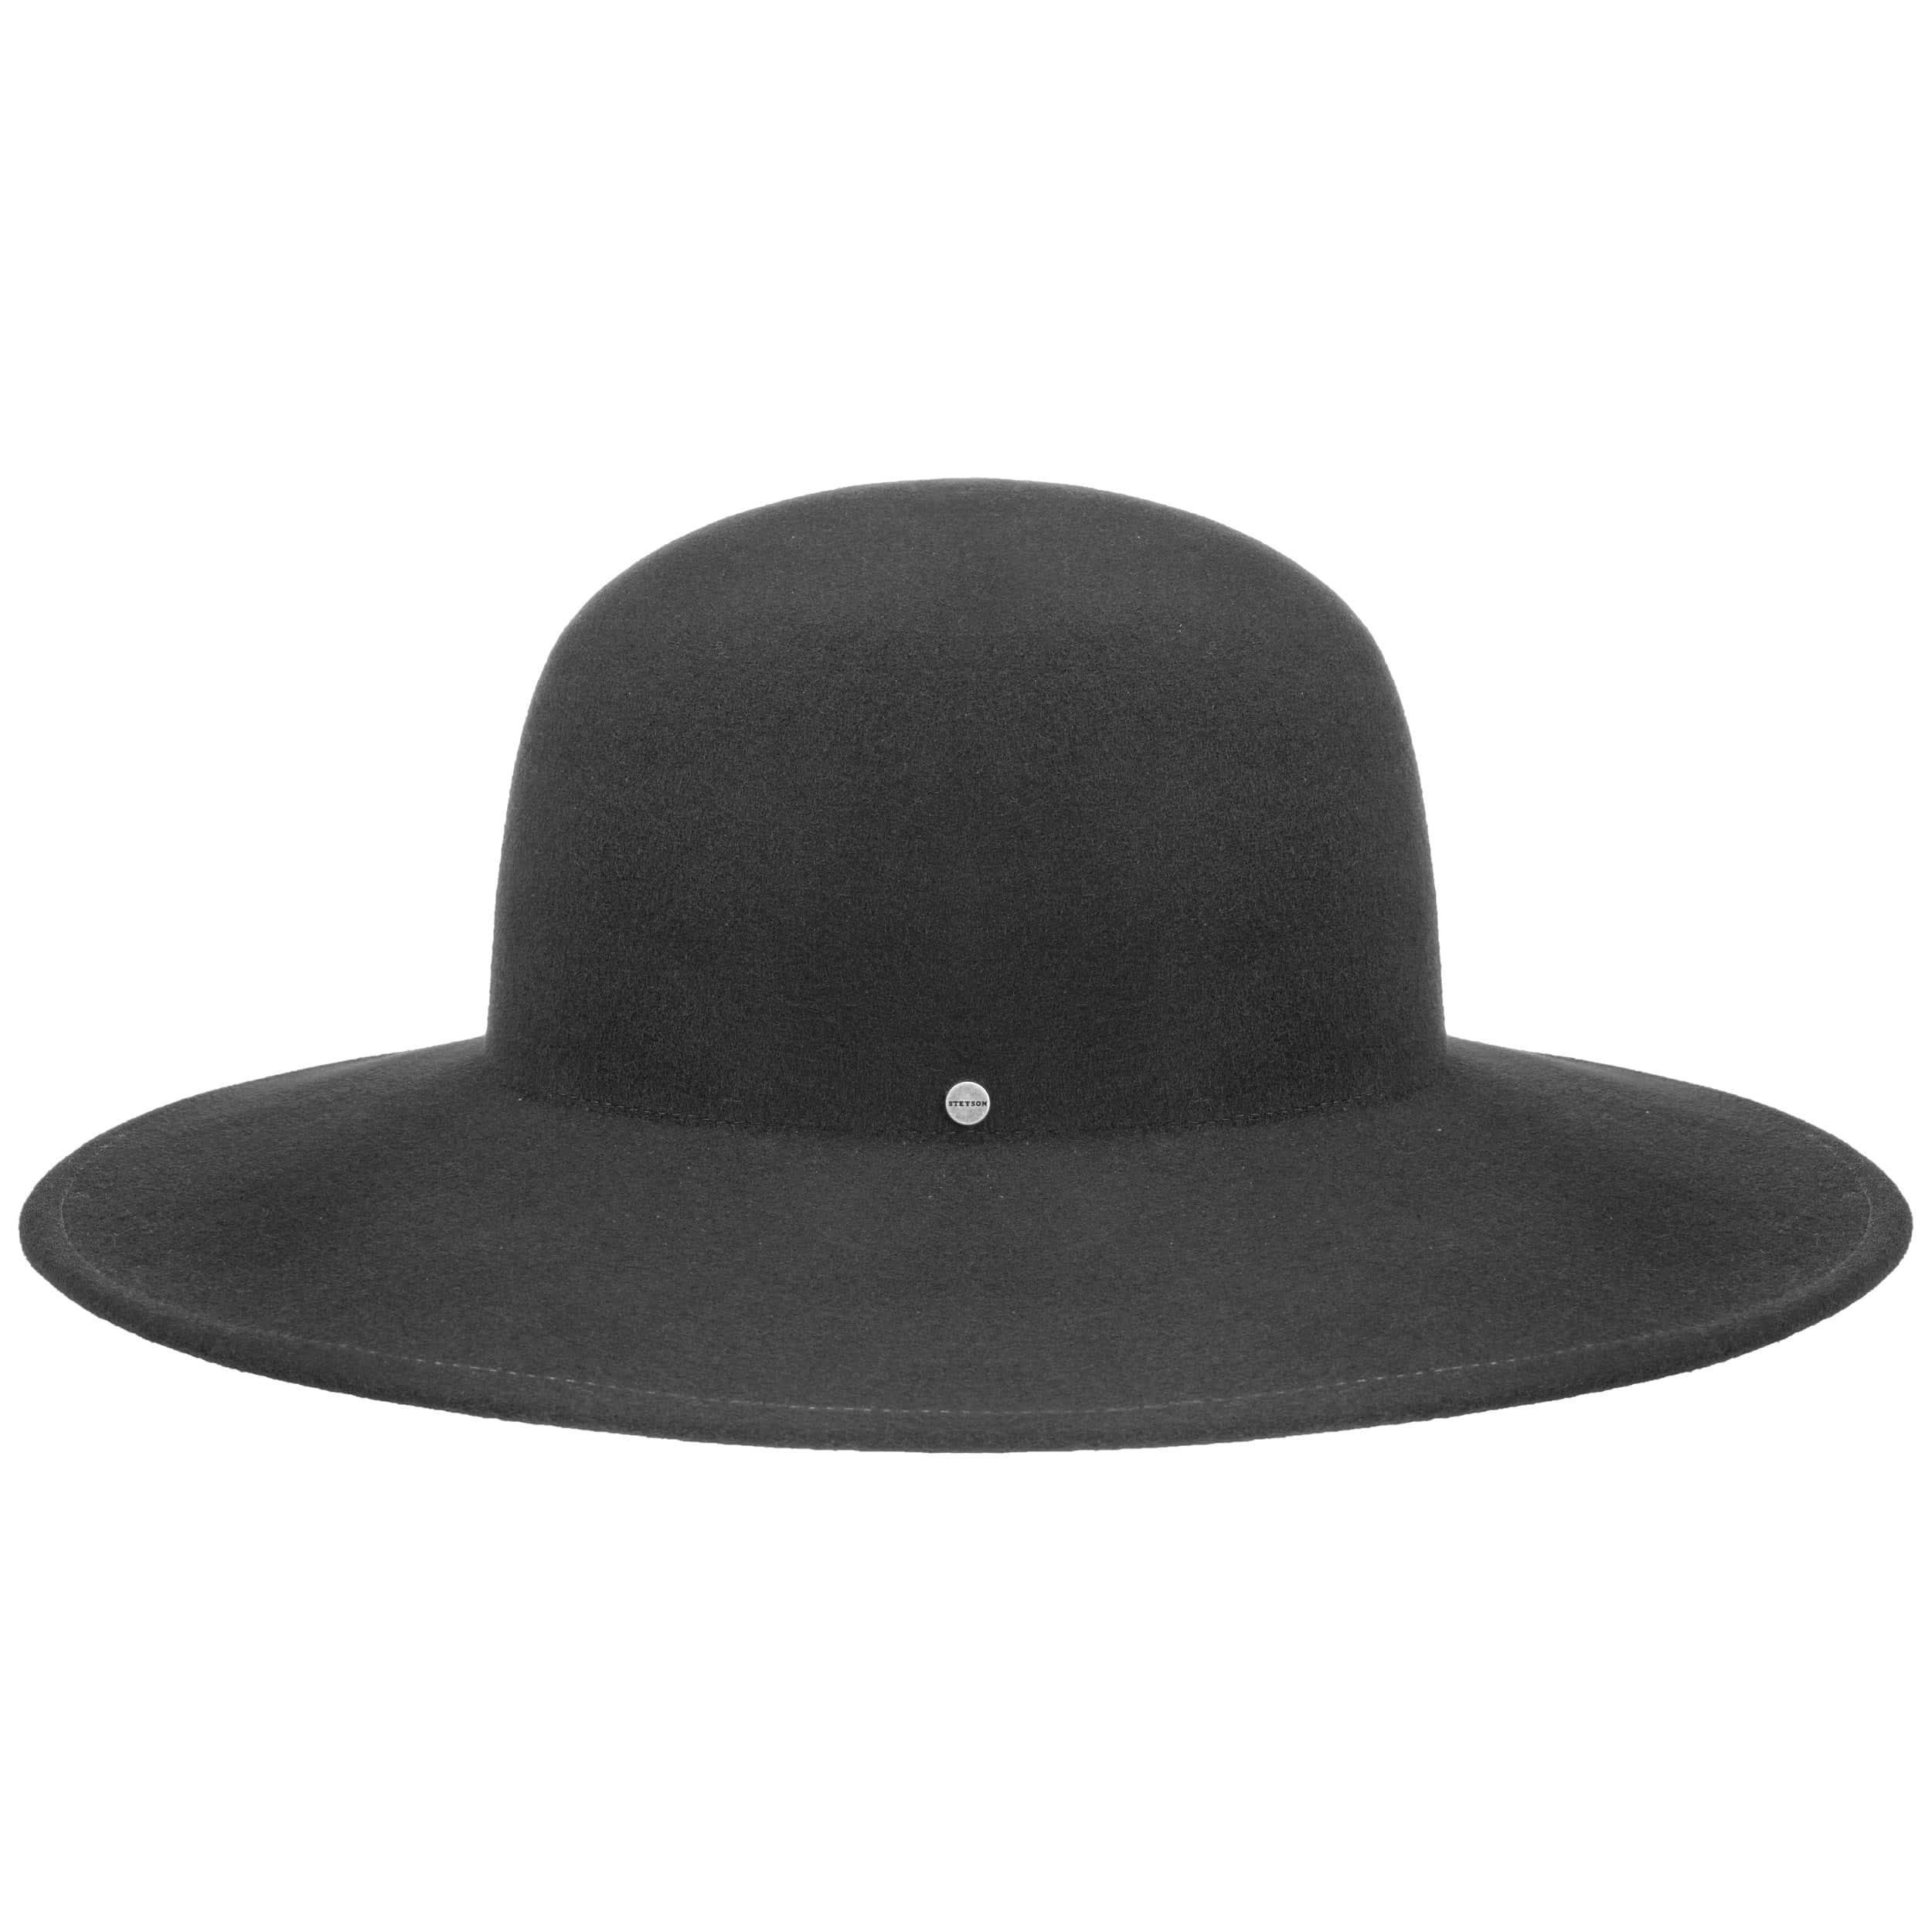 0e4e85b53 Jamisa Wool Felt Floppy Hat by Stetson